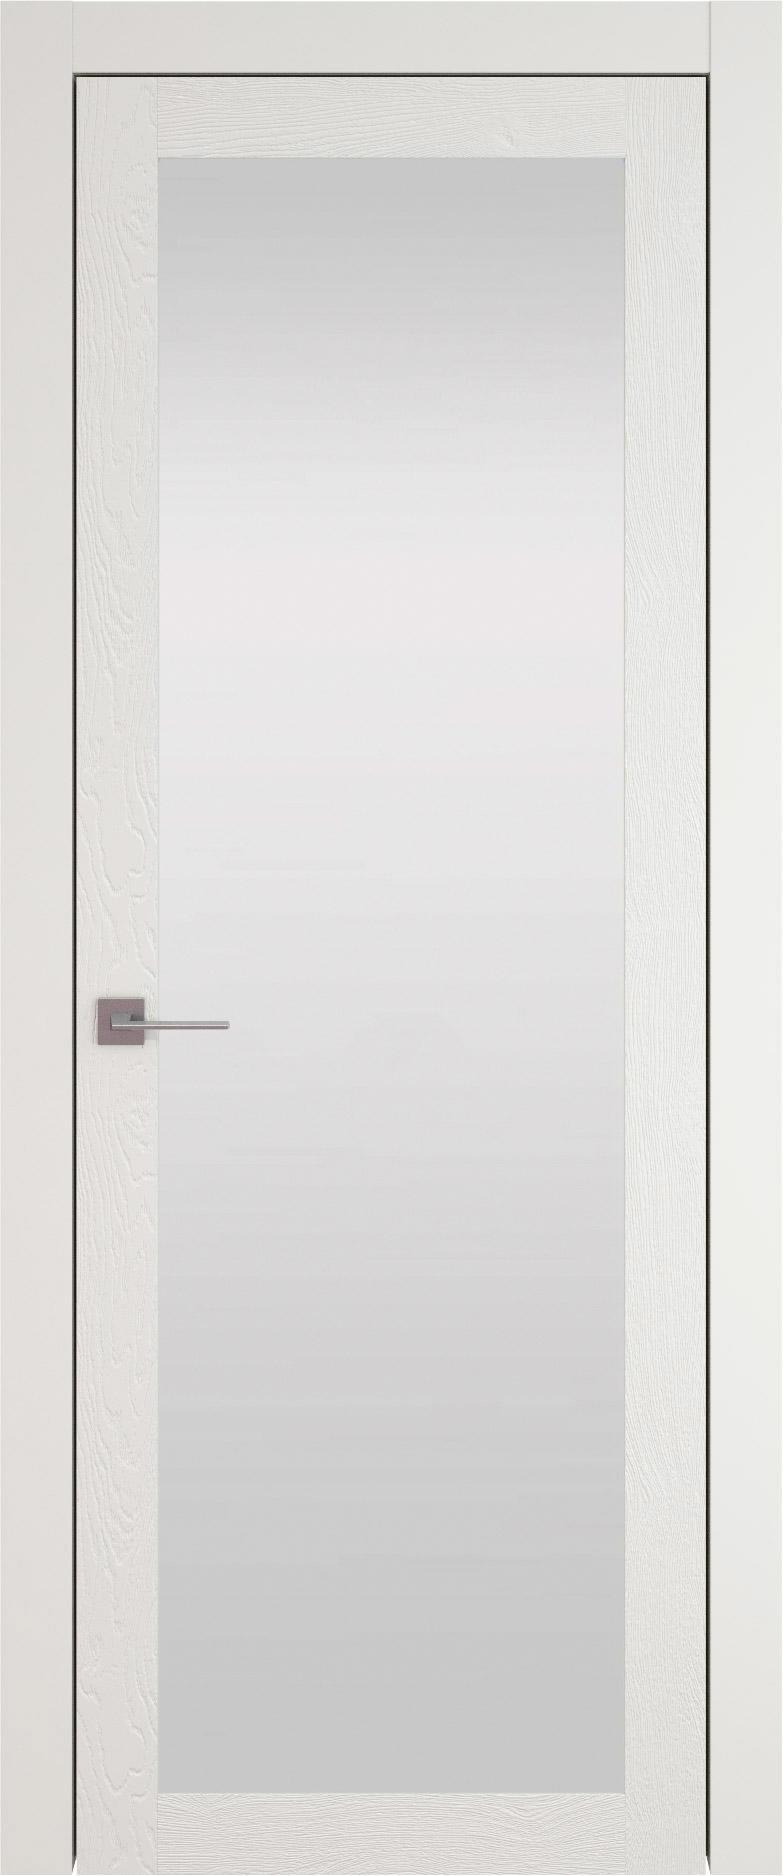 Tivoli З-1 цвет - Бежевая эмаль по шпону (RAL 9010) Со стеклом (ДО)